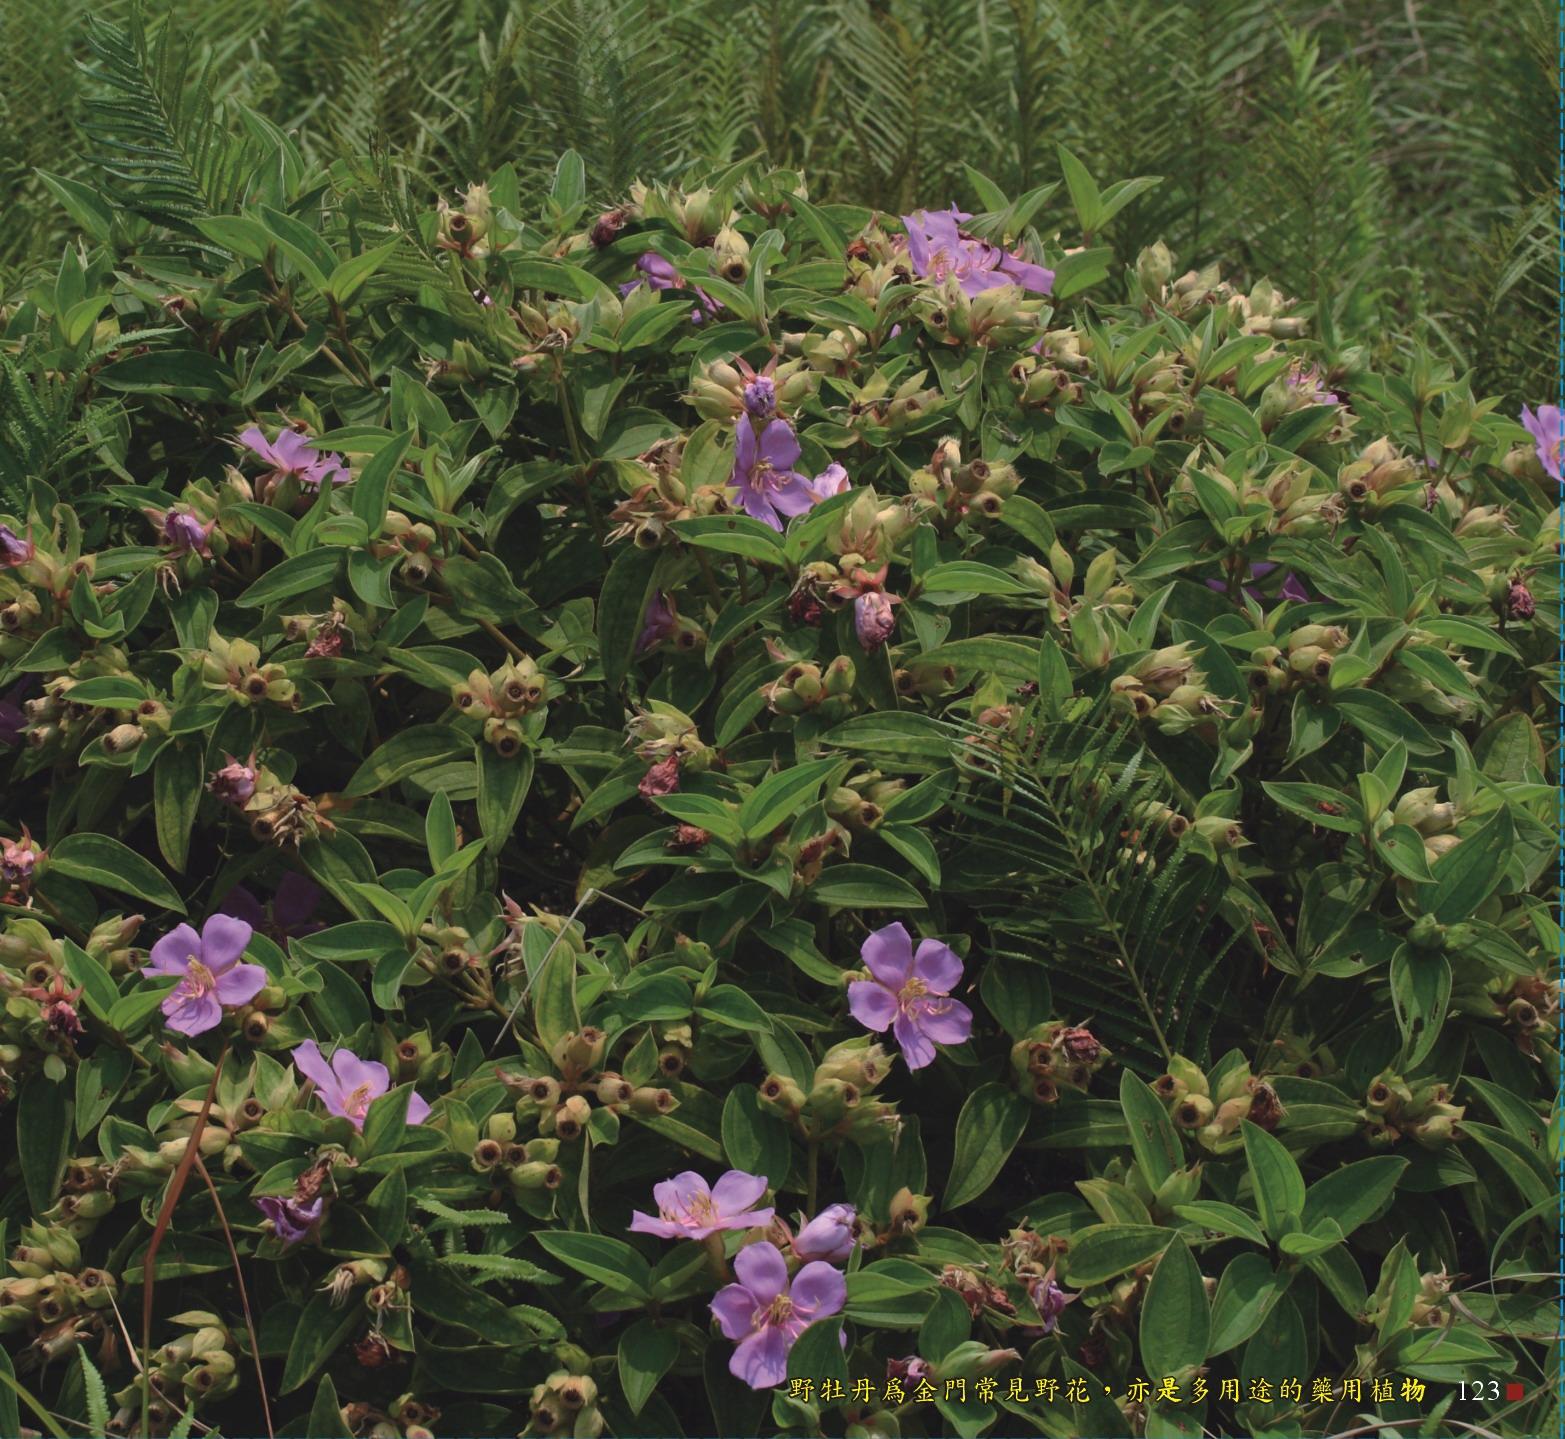 野牡丹為金門常見的野花,亦是多用途的藥用植物